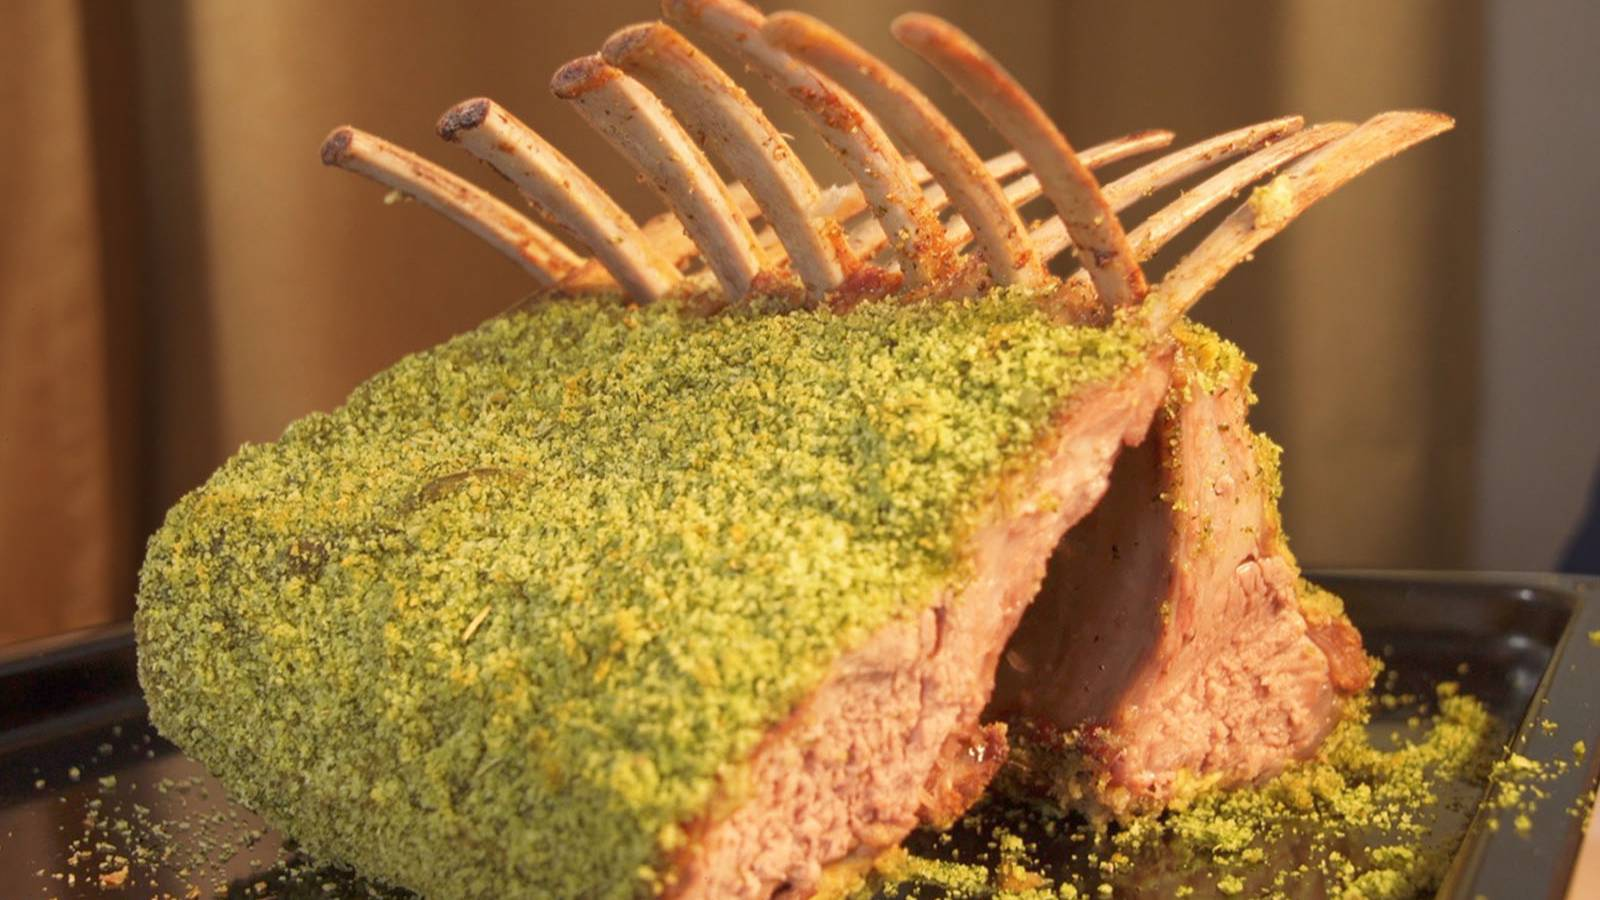 史上最绿烤羊排,原来这就是米其林的味道!【盗月社】